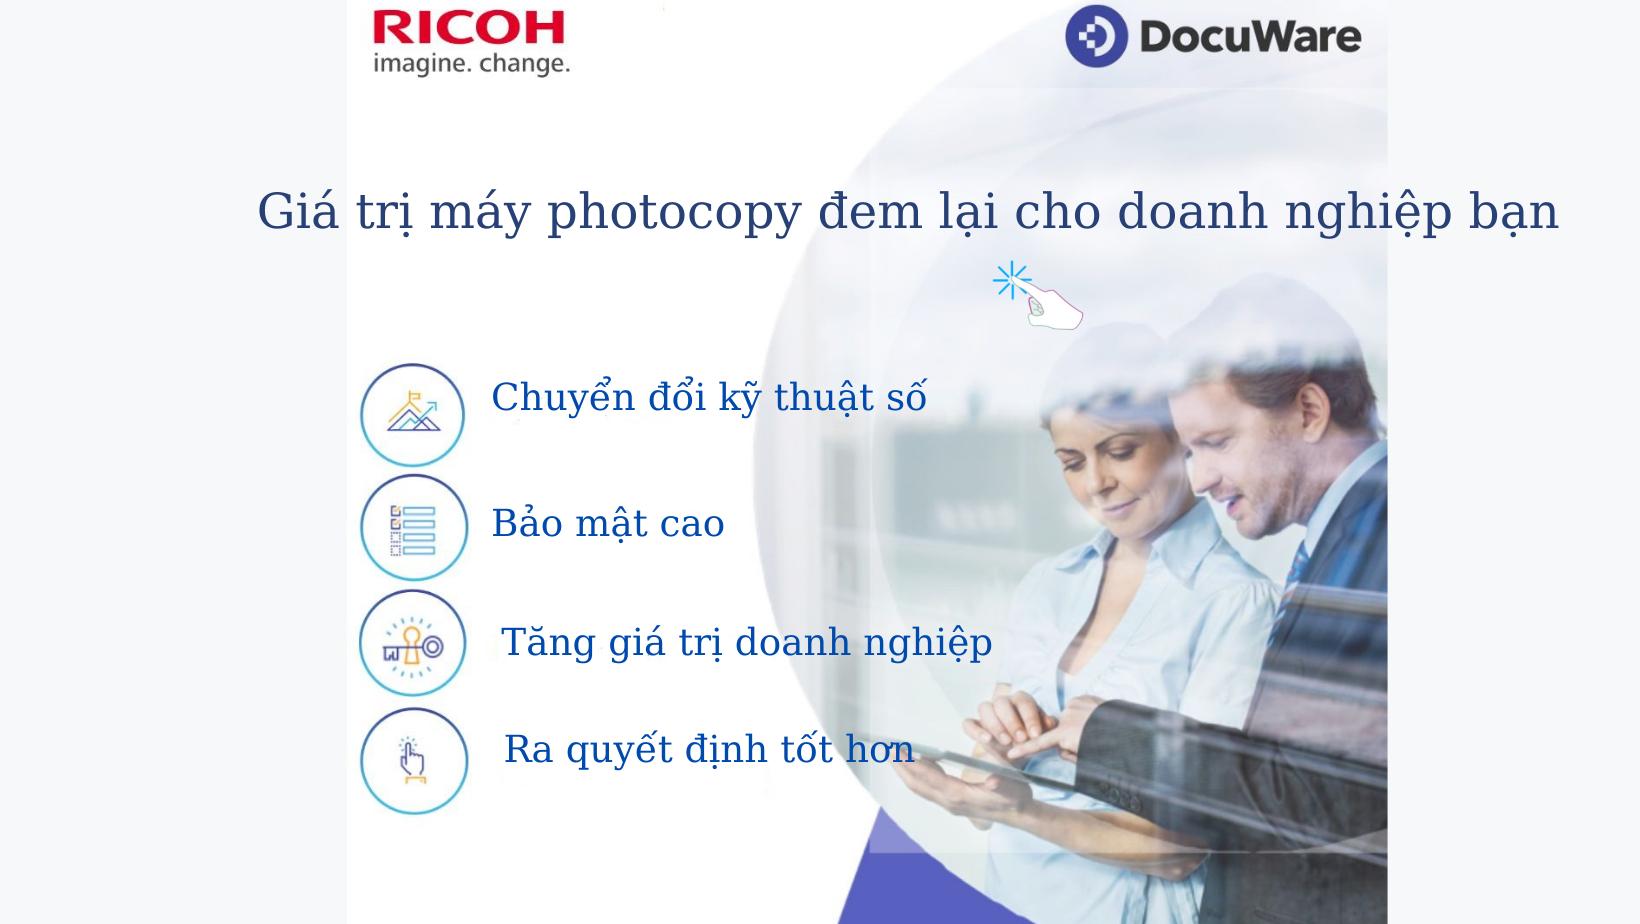 kinh doanh máy photocopy vẫn sẽ tồn tại trong thời đại kỹ thuật số